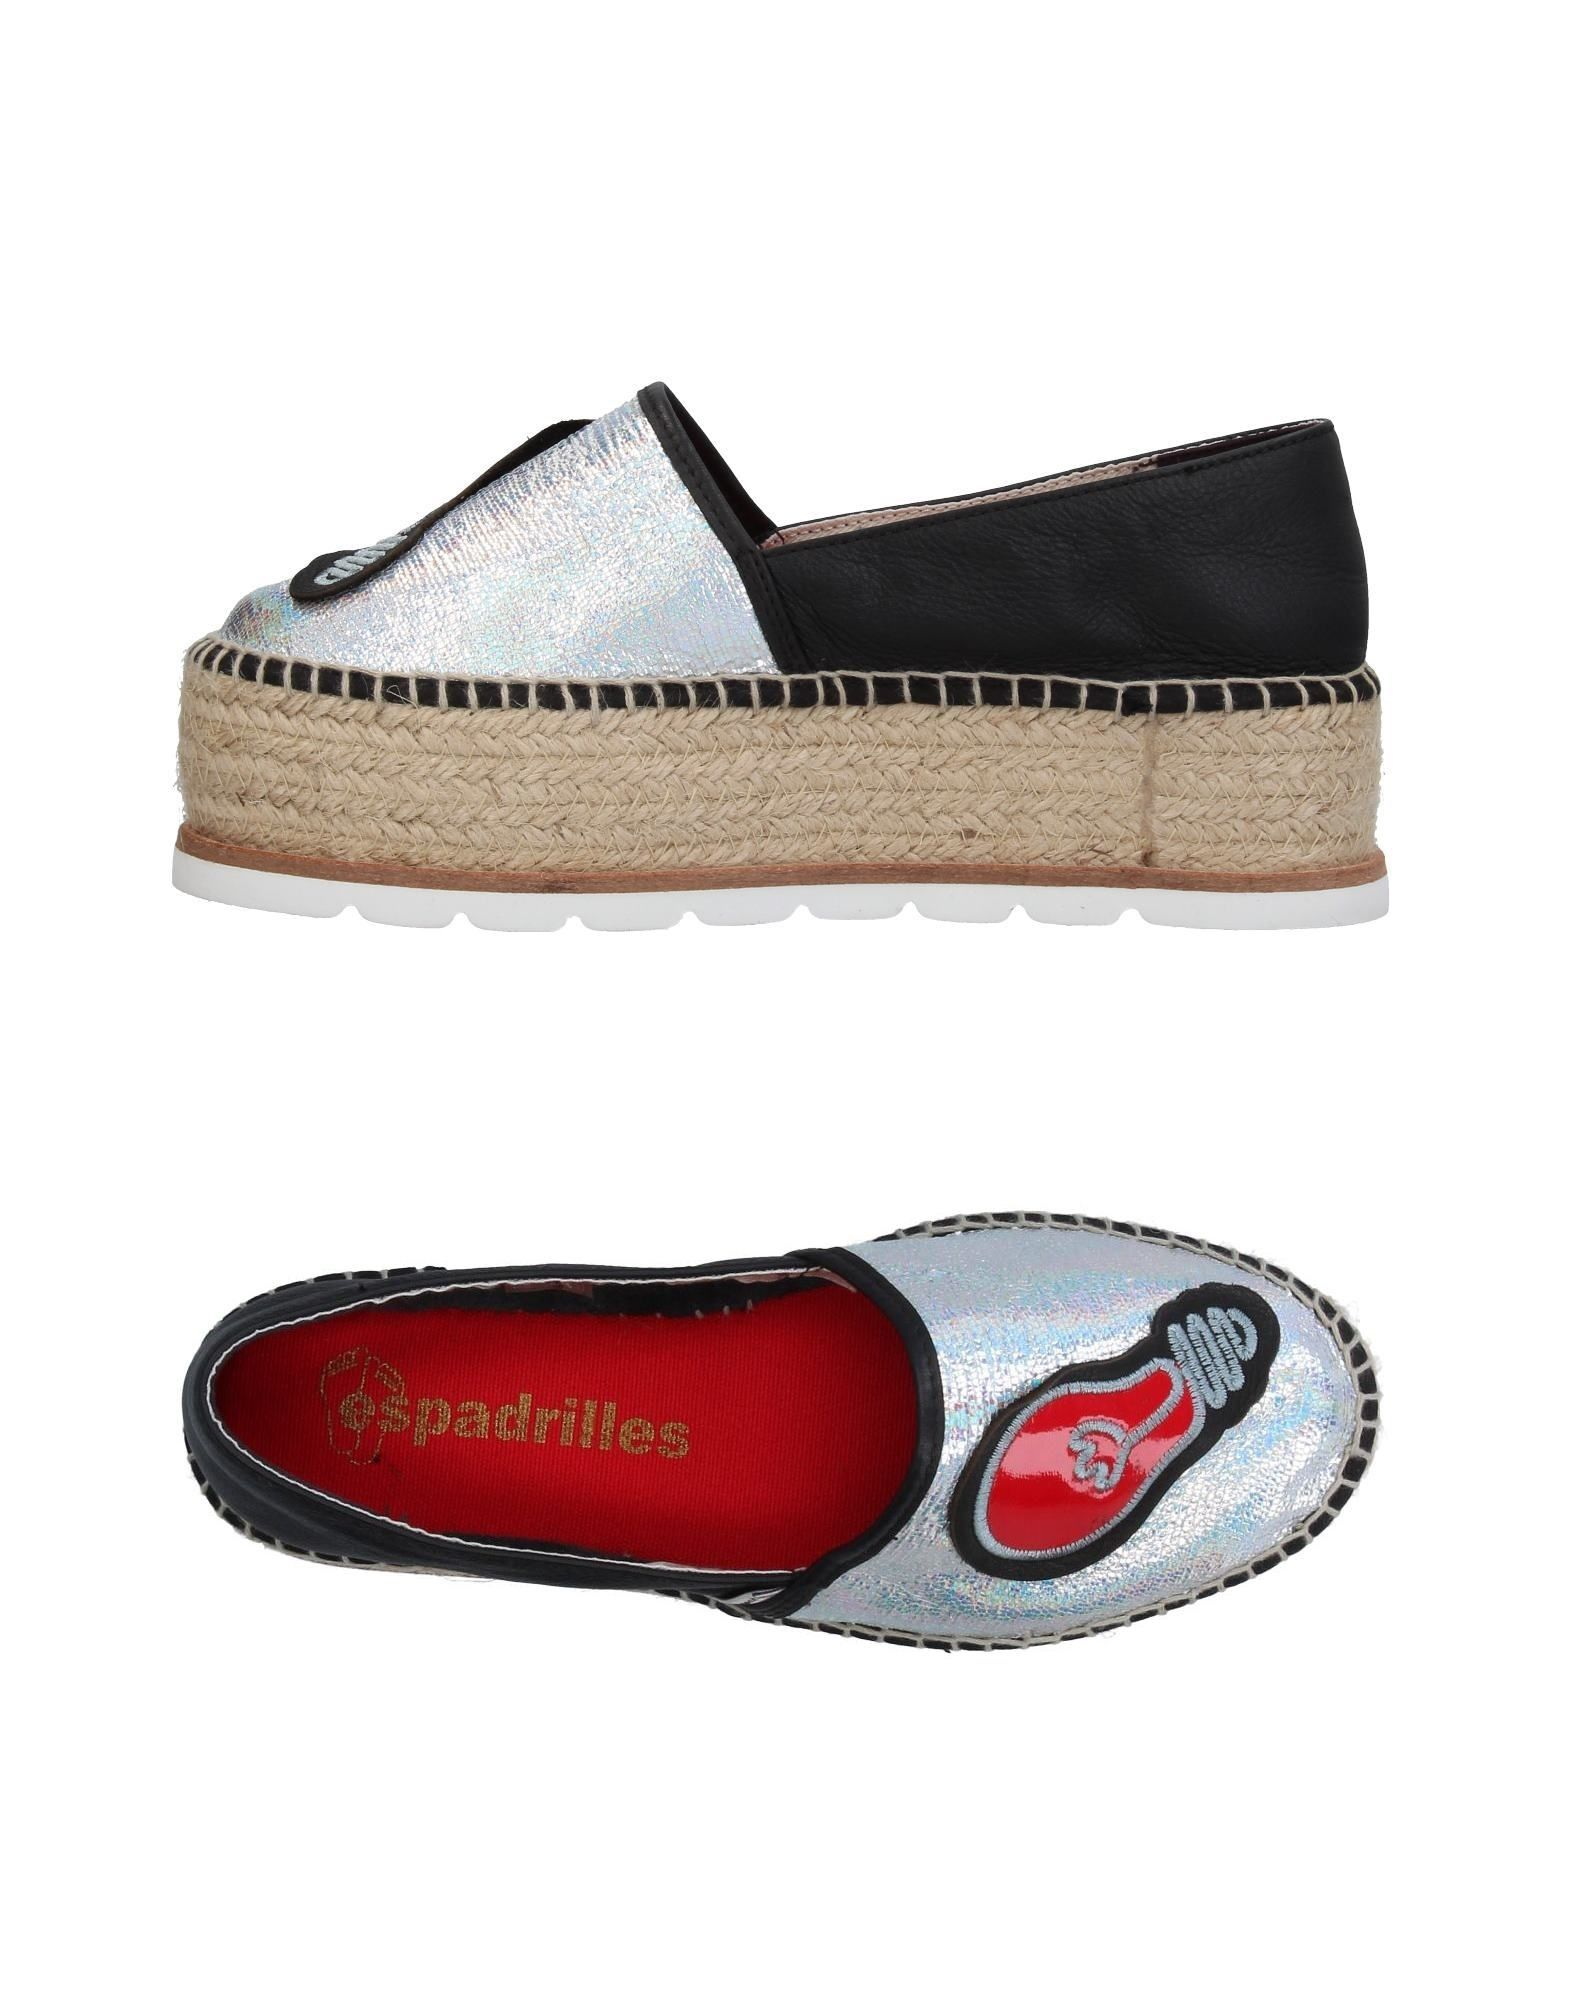 Günstige und modische Schuhe Espadrilles Espadrilles Damen  11366167JN